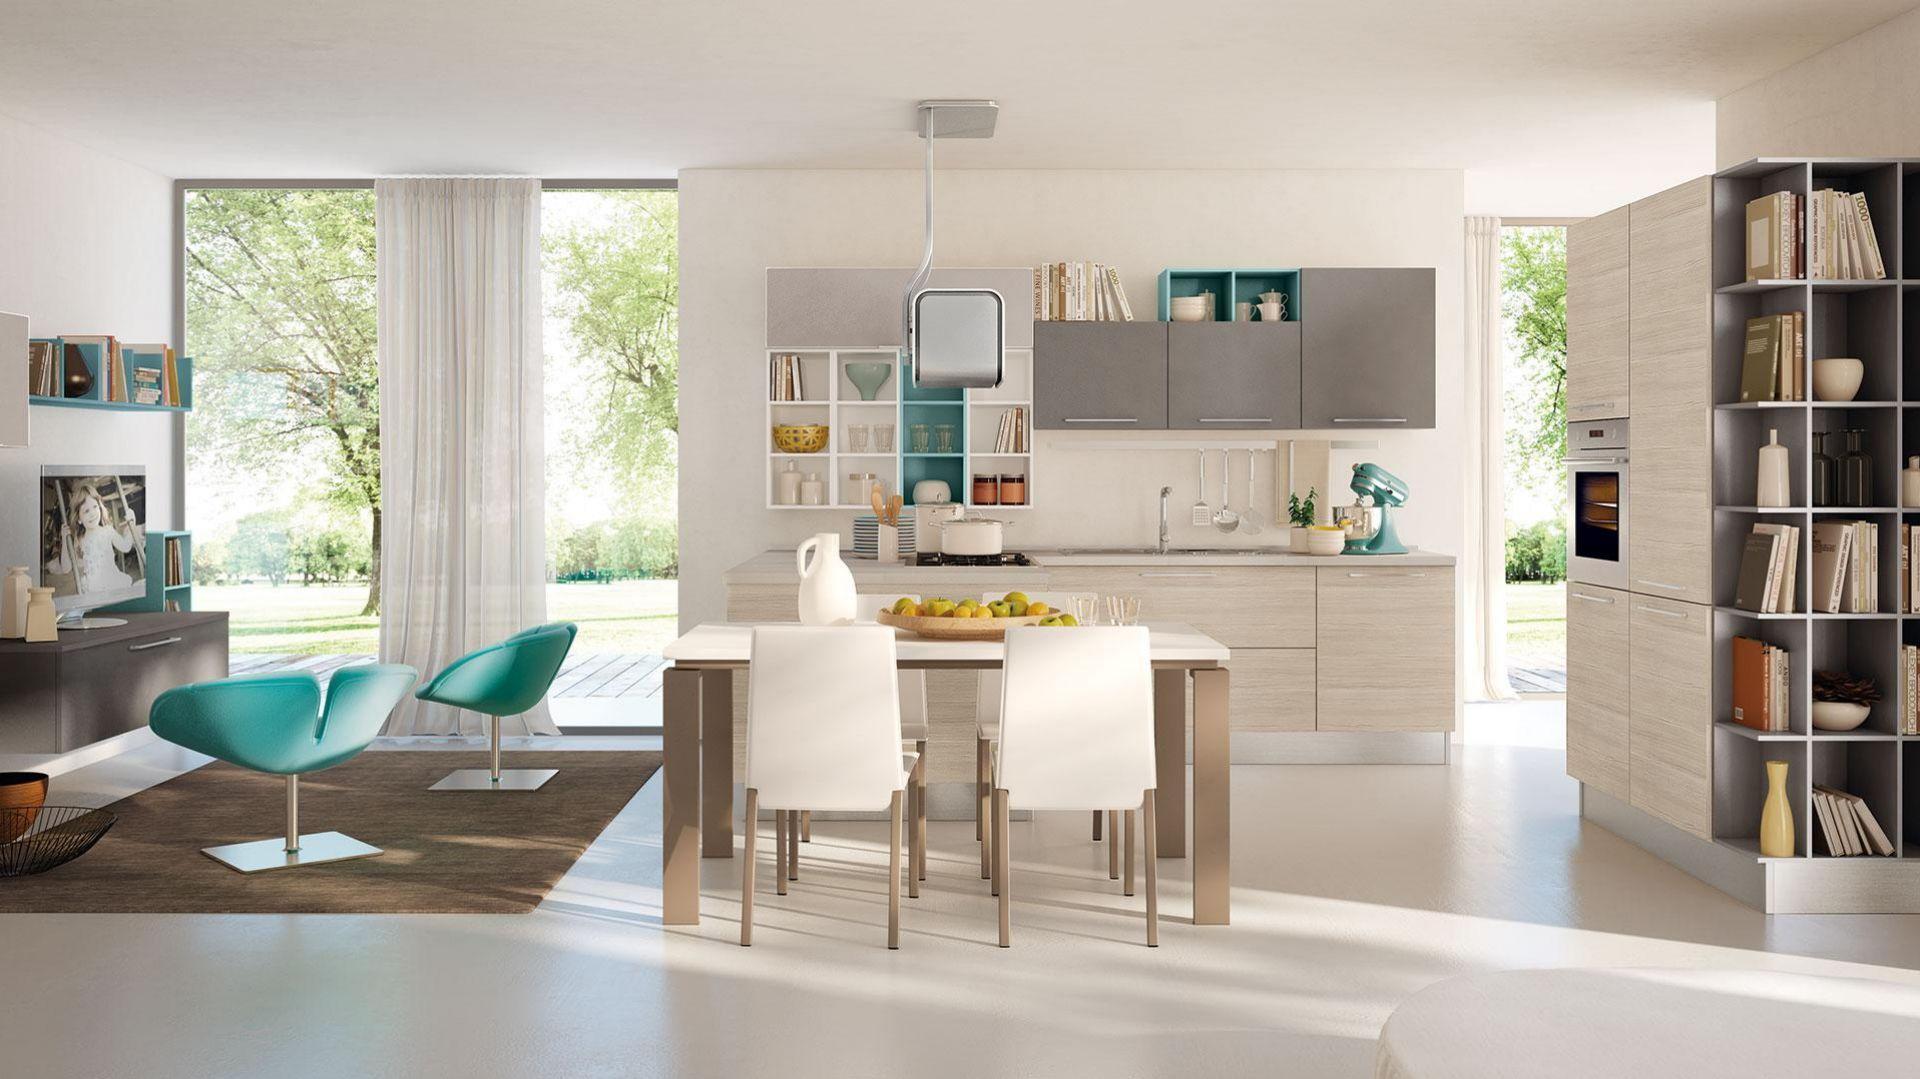 Kuchnia opłączona z salonem. Model